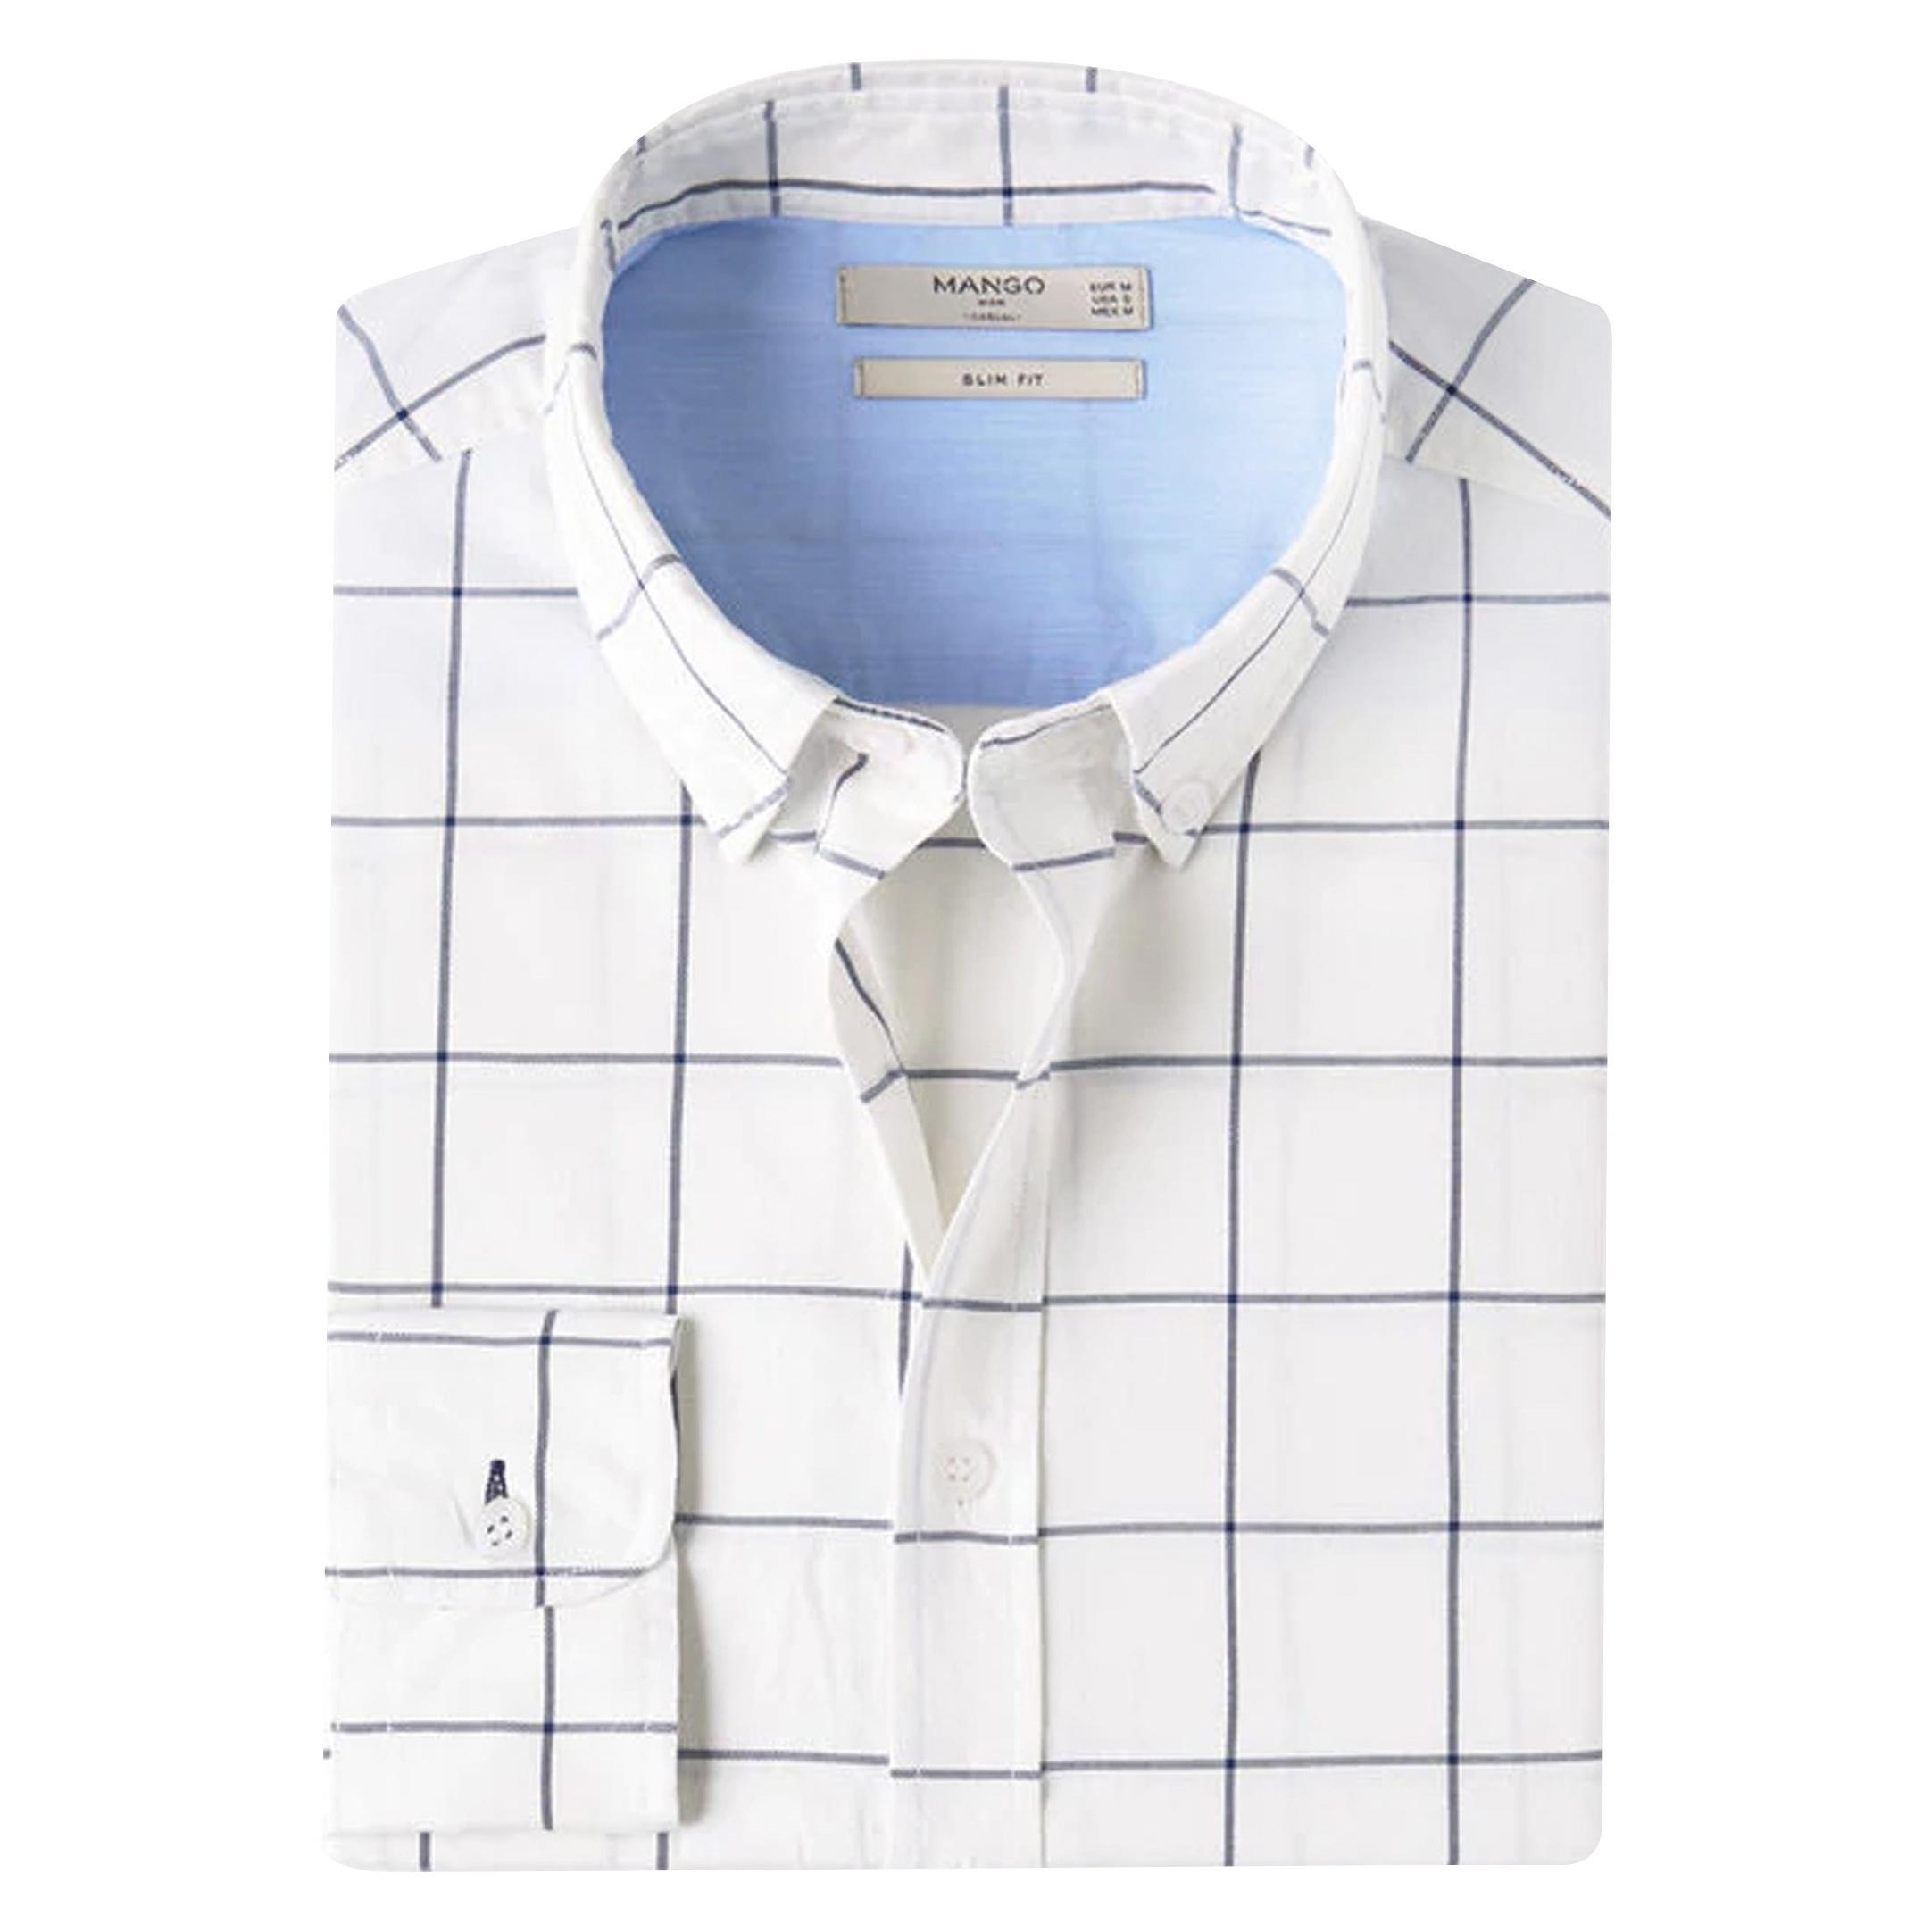 پیراهن نخی آستین بلند مردانه - مانگو - شيري - 3